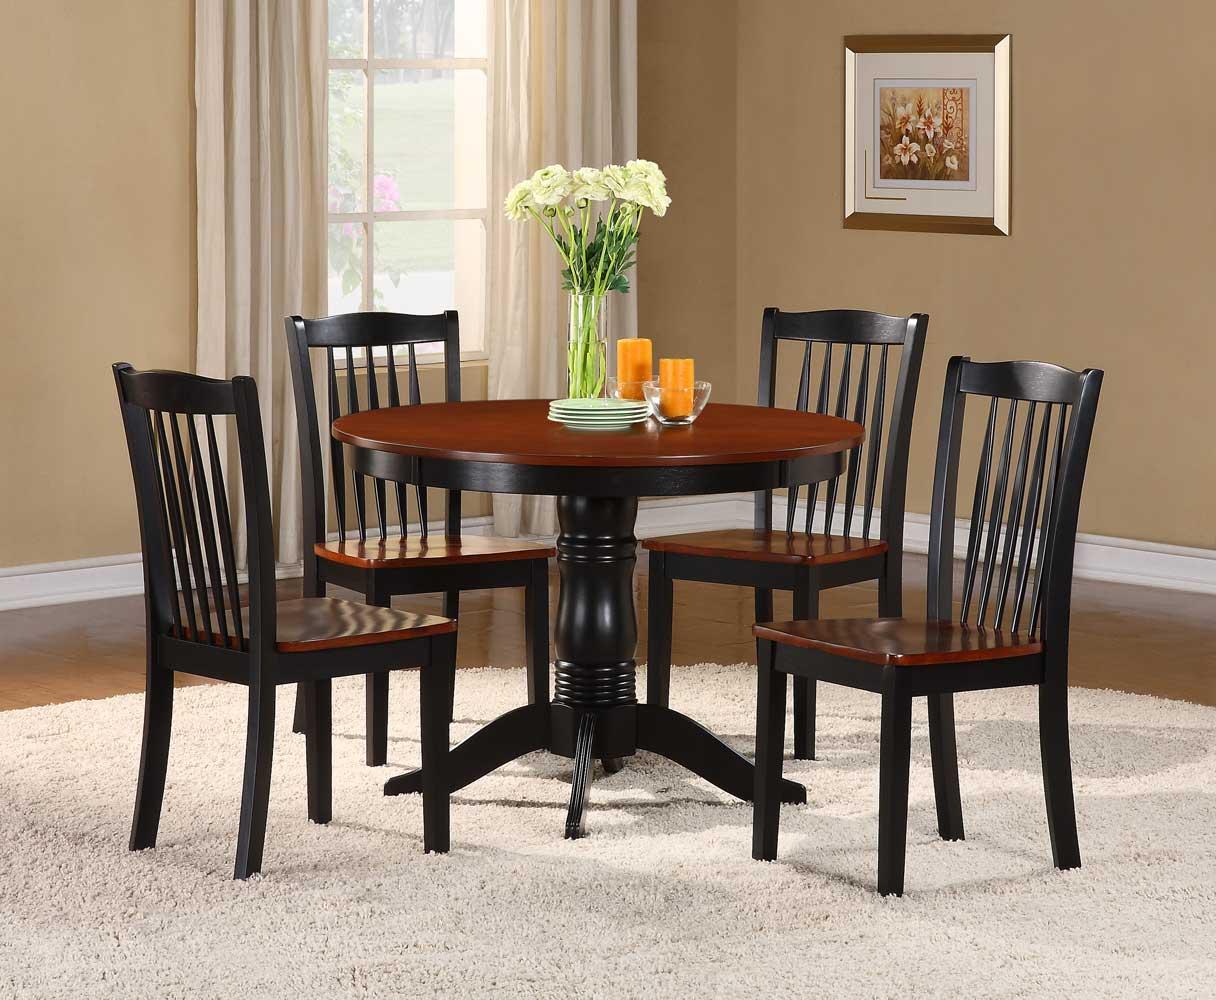 Homelegance Andover 5-Piece Dining Set - Antique Oak and Black